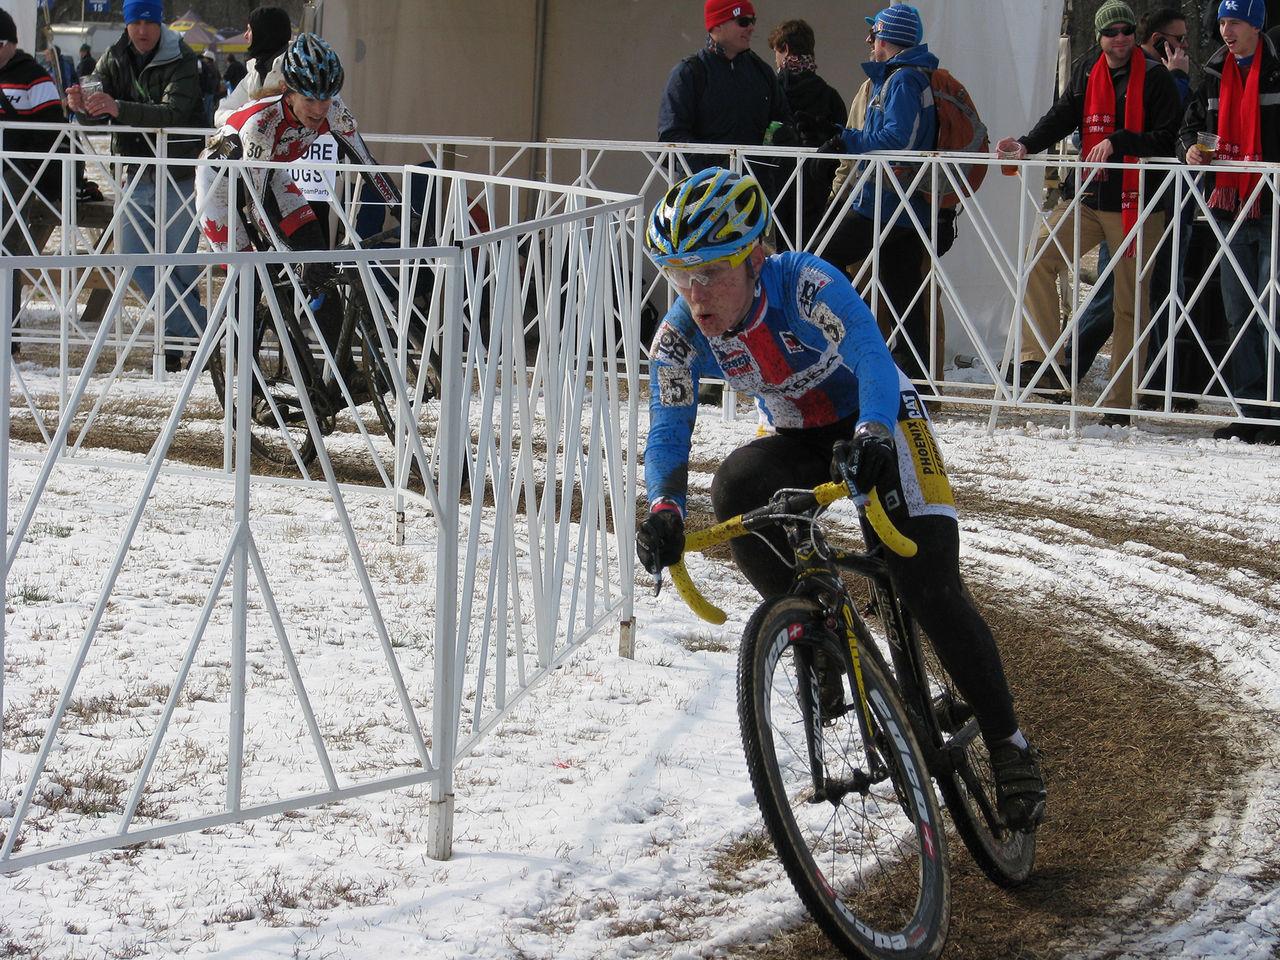 Tävlingscyklist anklagad för motoriserad doping